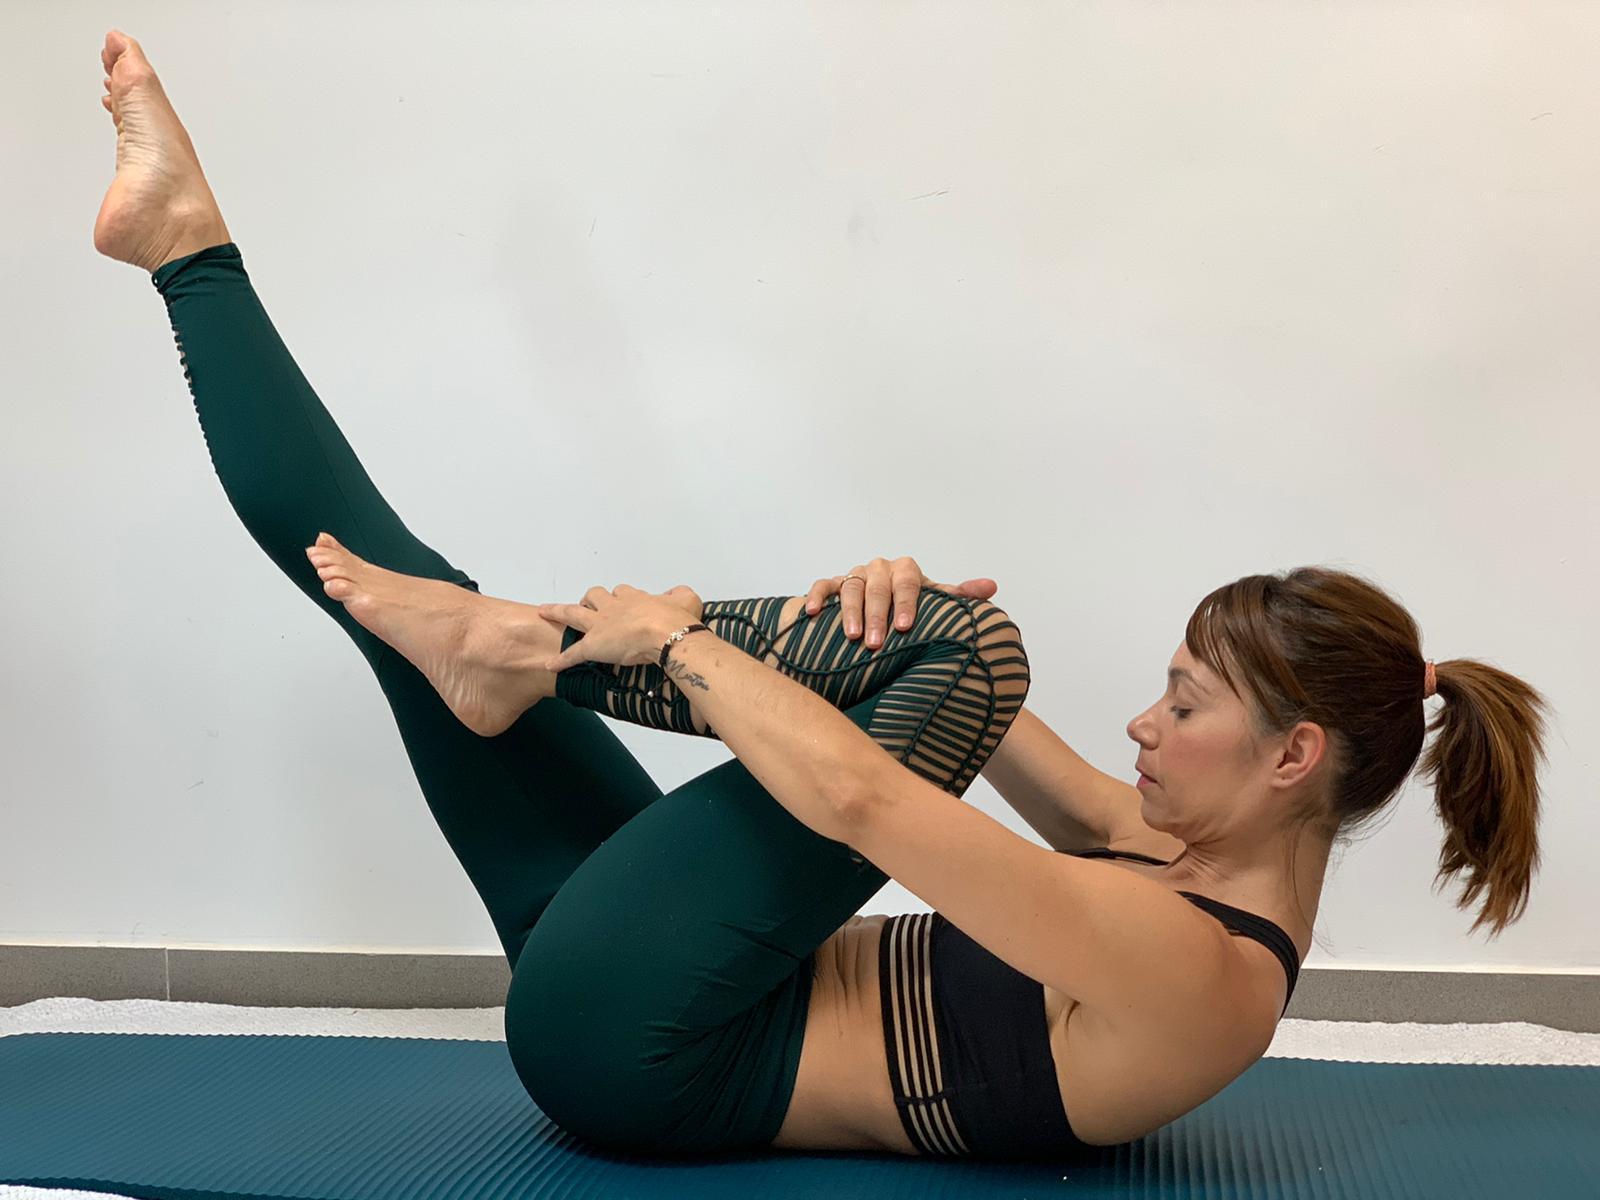 Clases de Pilates en la colchoneta en Madrid. Nuestra profesora Noelia realizando el ejercicio Single Leg Stretch.